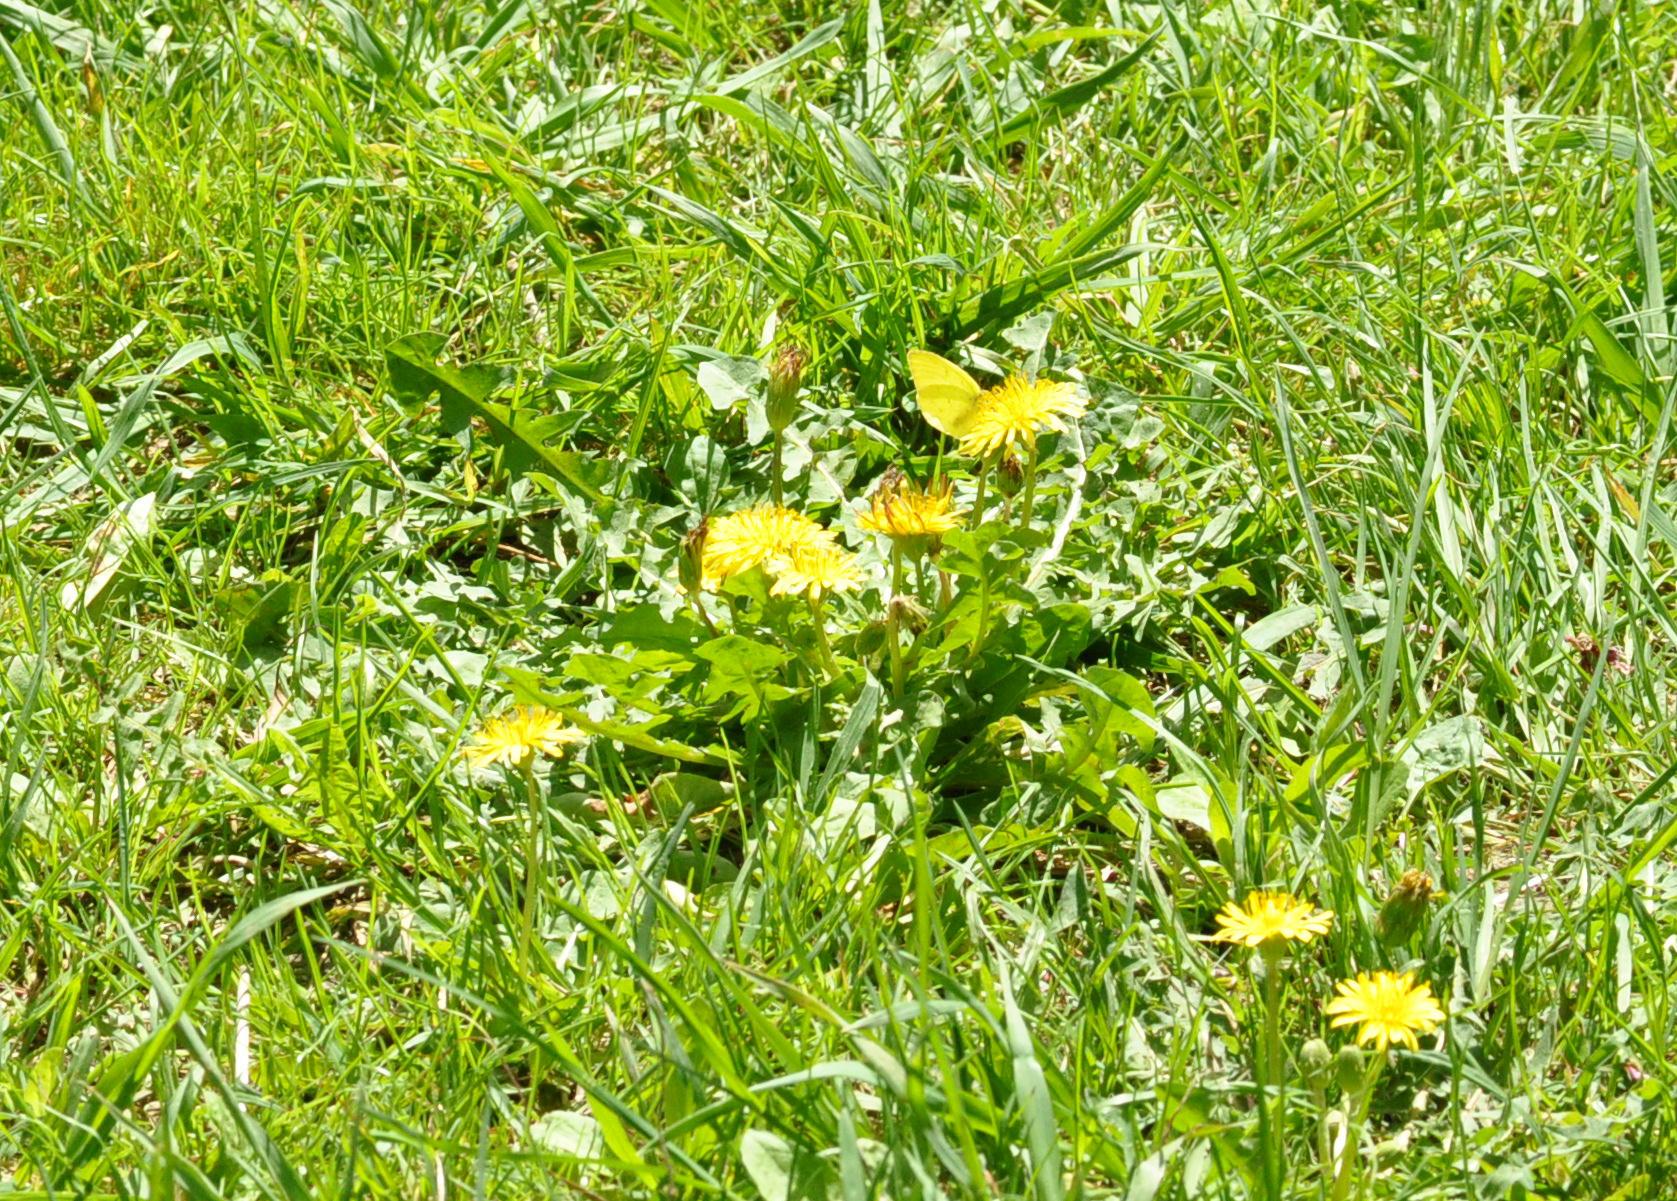 黄色い花には黄色い虫が似合う?